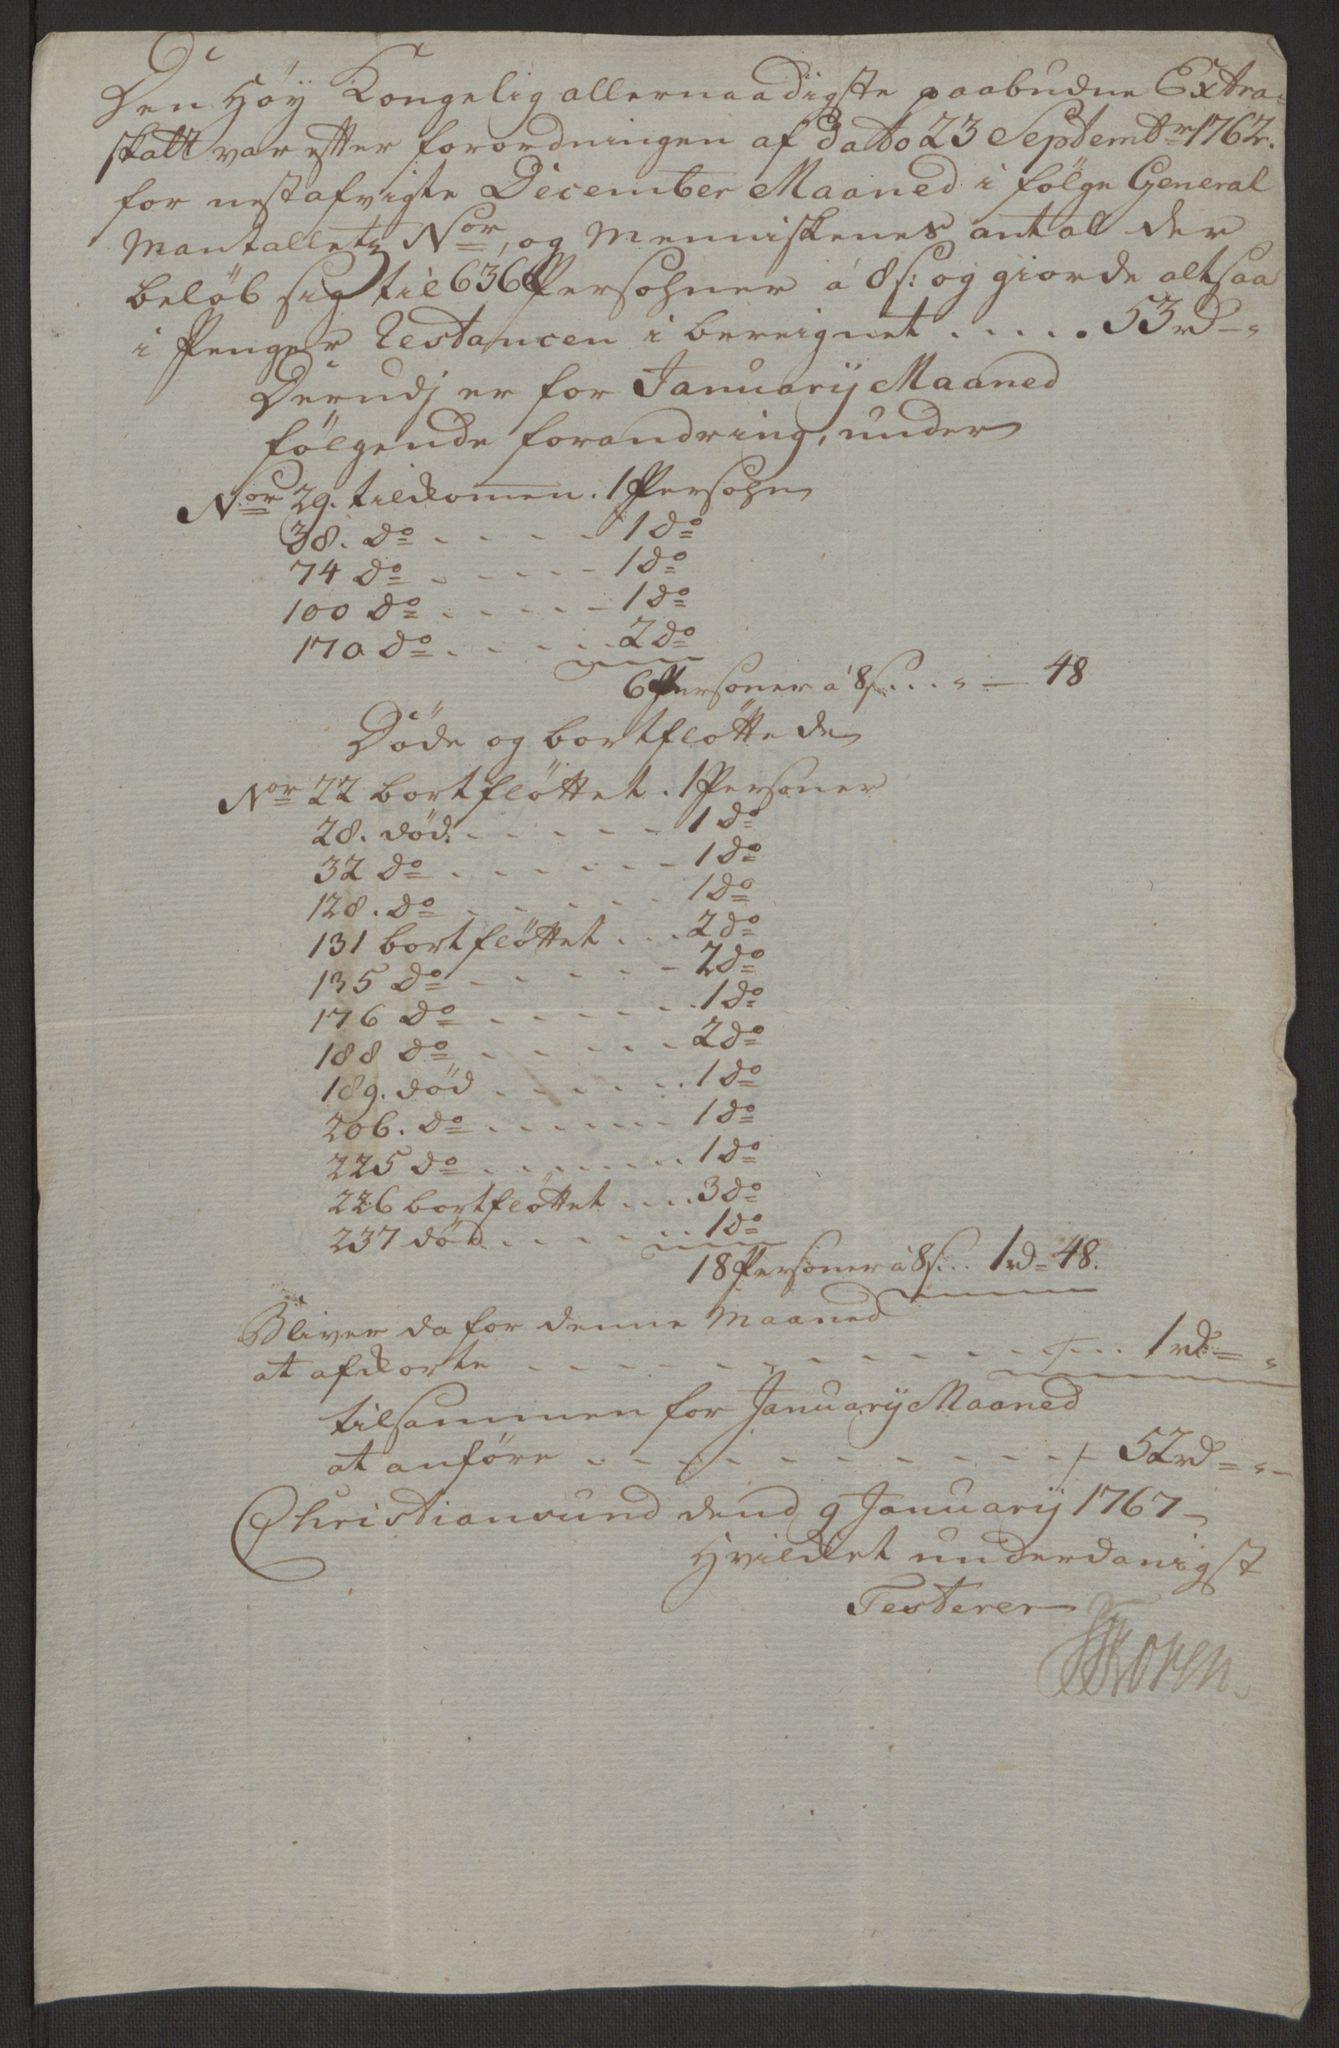 RA, Rentekammeret inntil 1814, Reviderte regnskaper, Byregnskaper, R/Rr/L0495: [R1] Kontribusjonsregnskap, 1762-1772, s. 150